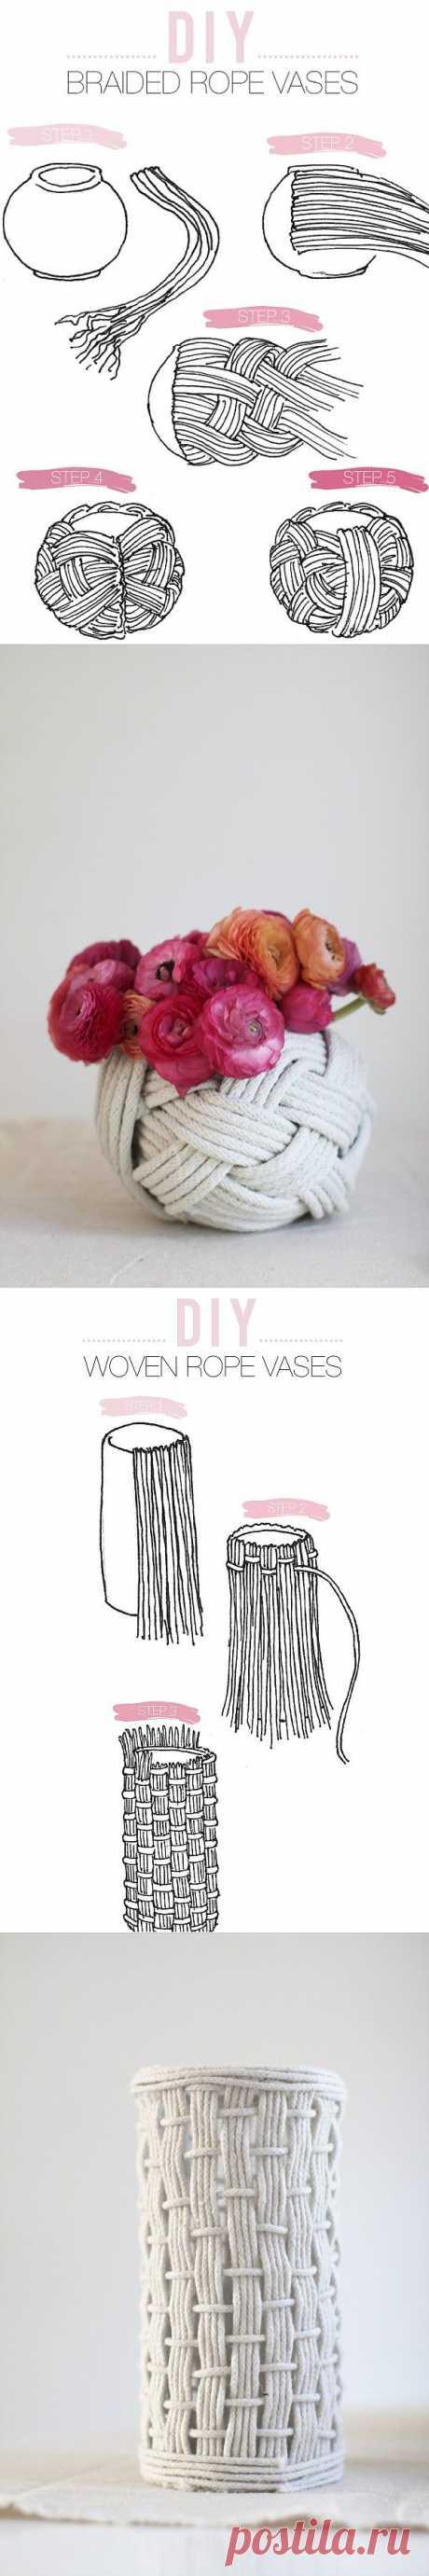 Как сделать стильные веревочные вазы